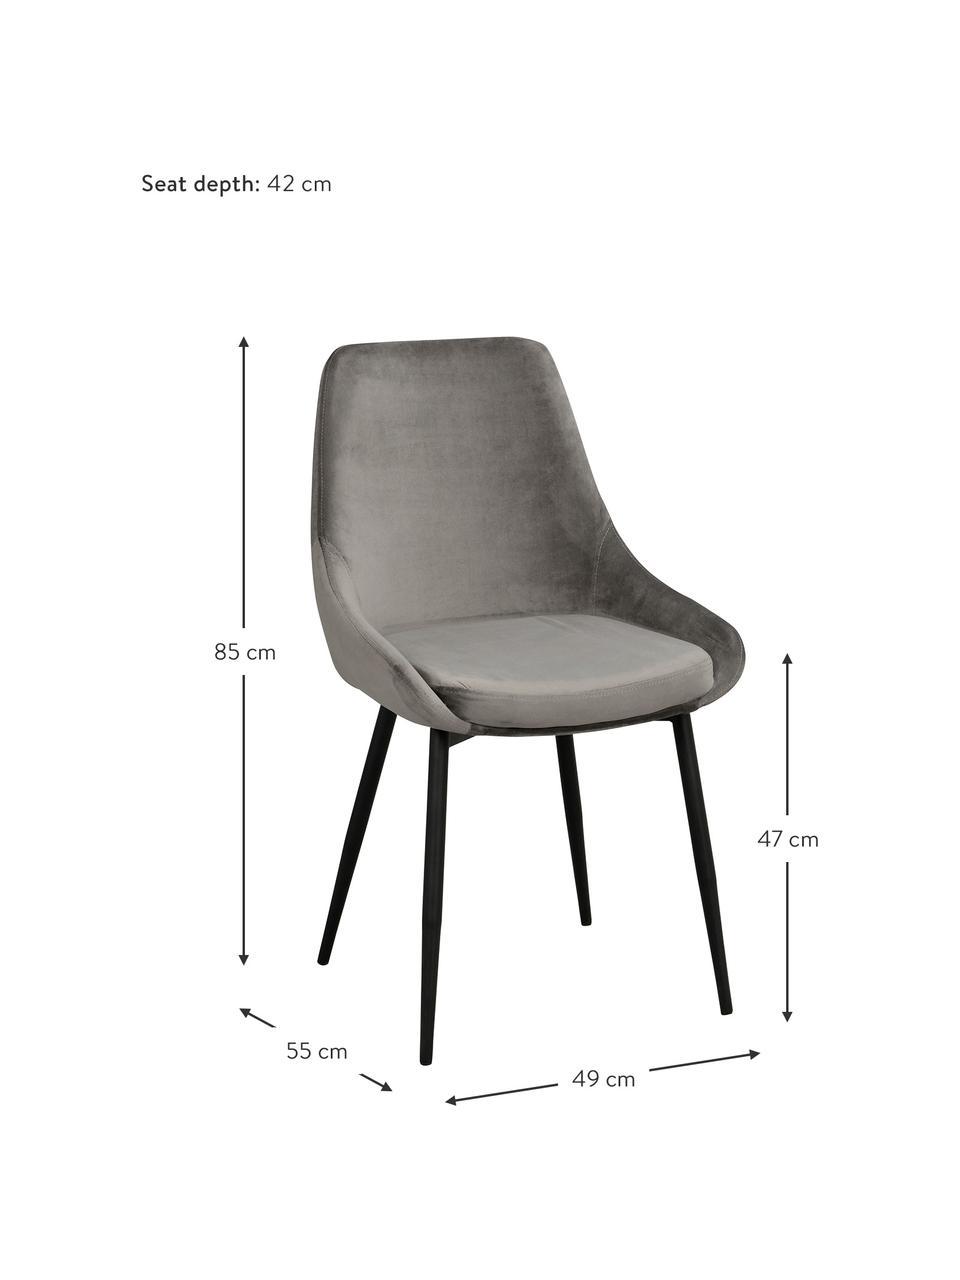 Sedia imbottita in velluto Sierra 2 pz, Rivestimento: velluto di poliestere Con, Gambe: metallo verniciato, Velluto grigio, Larg. 49 x Prof. 55 cm